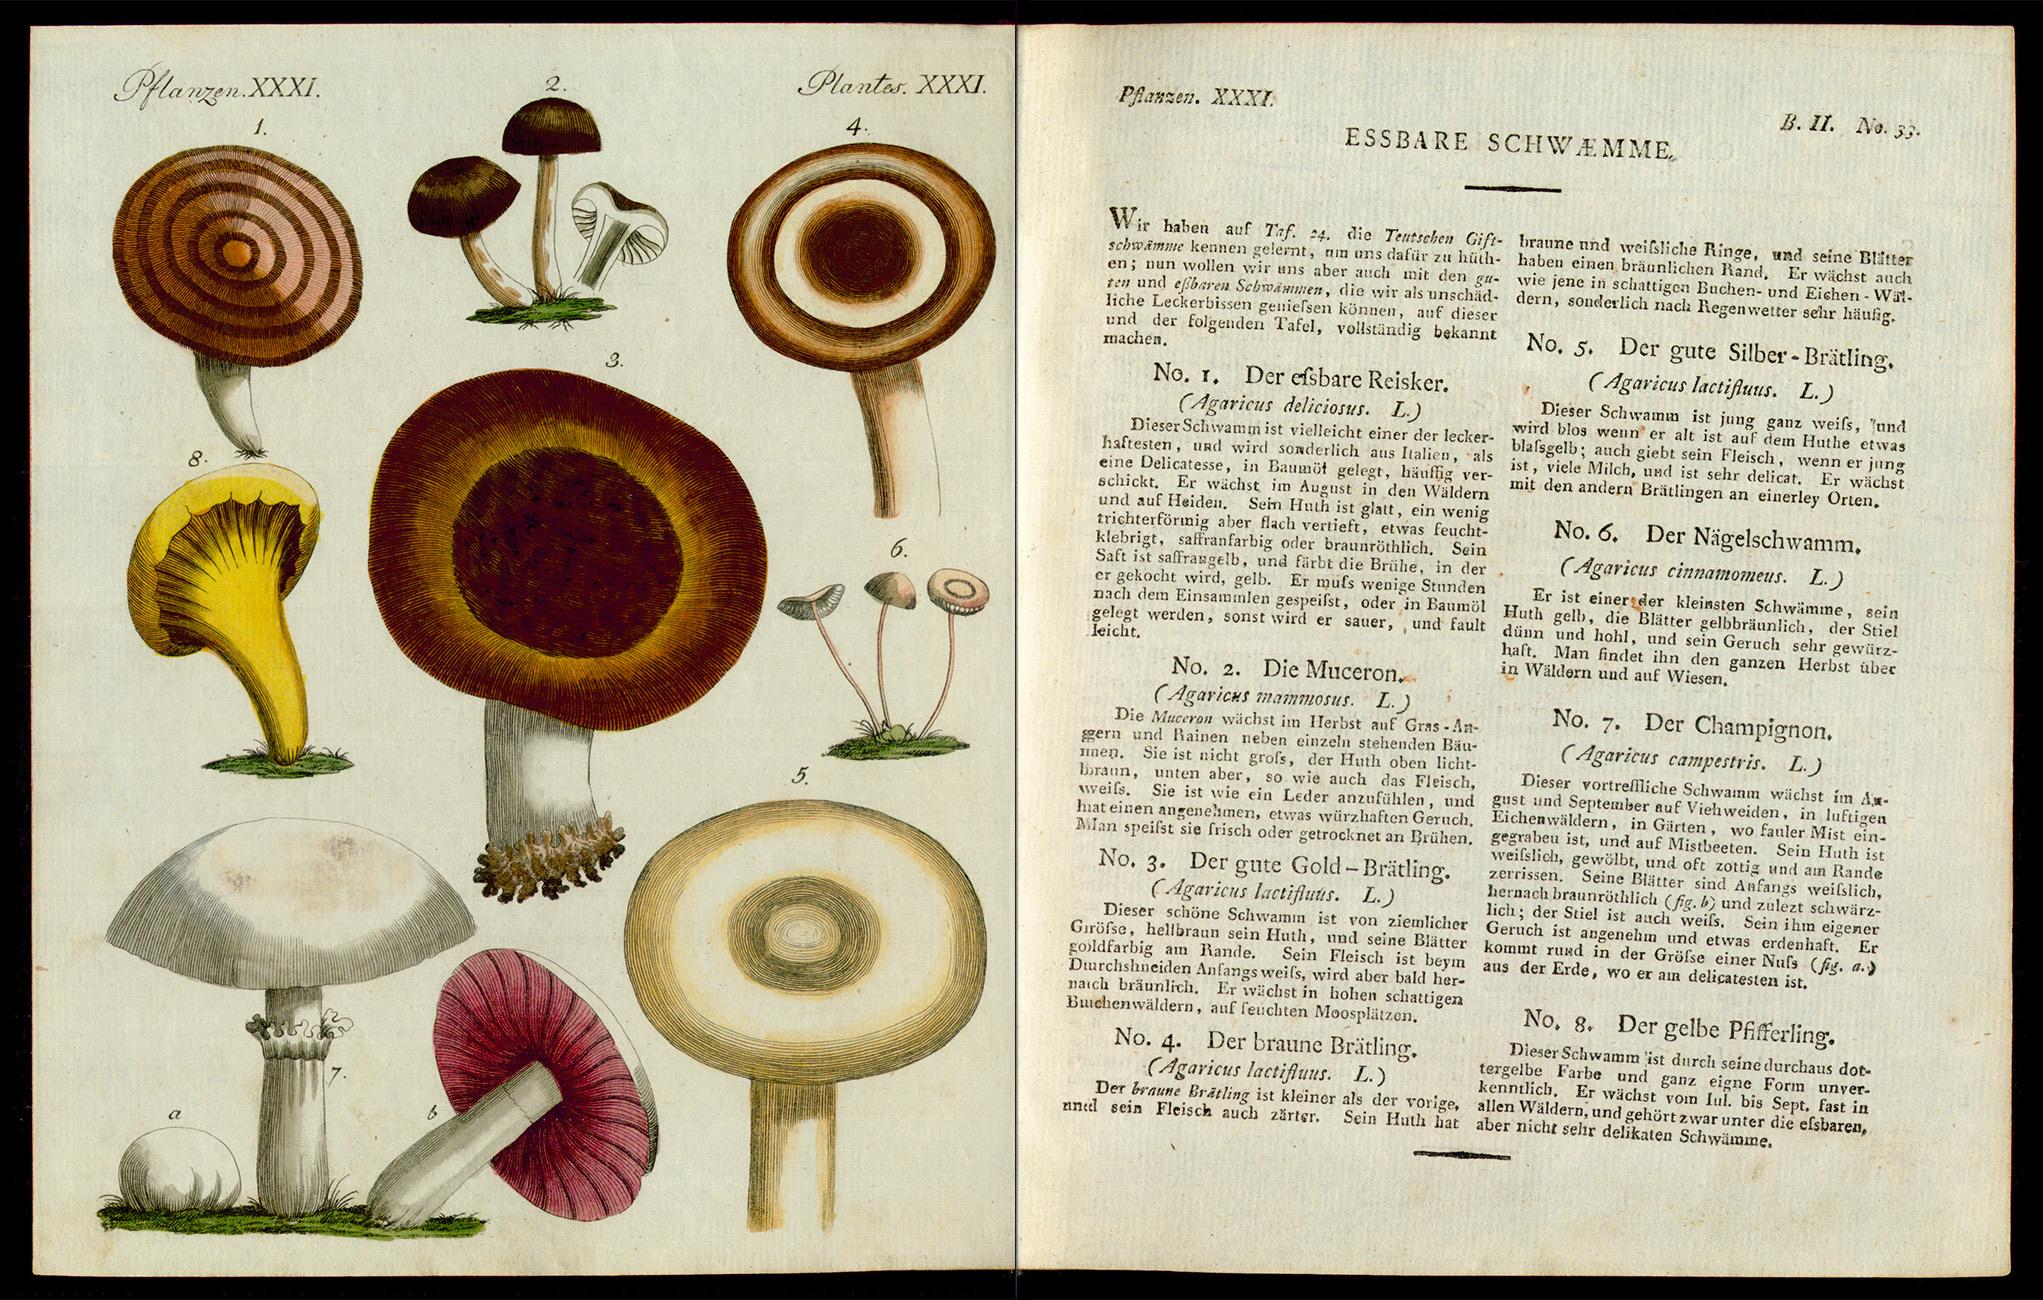 Friedrich Justin Bertuch, Bilderbuch für Kinder, B XXIII, 8-2 R, S. 142 und 143